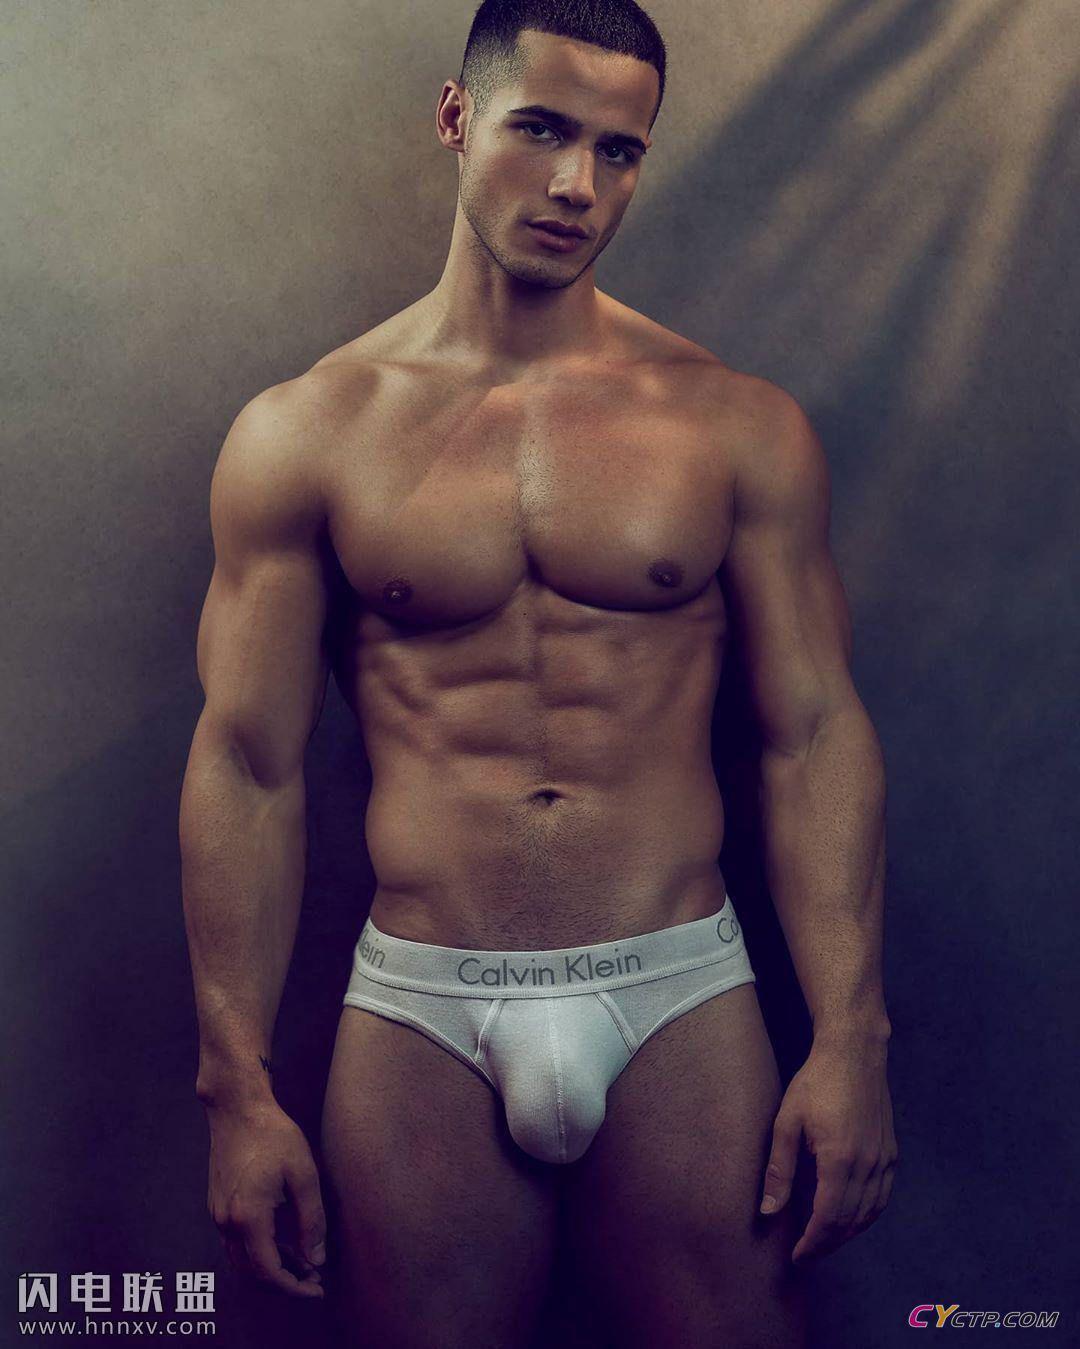 帅气欧美肌肉型男帅哥性感胸肌腹肌写真图片